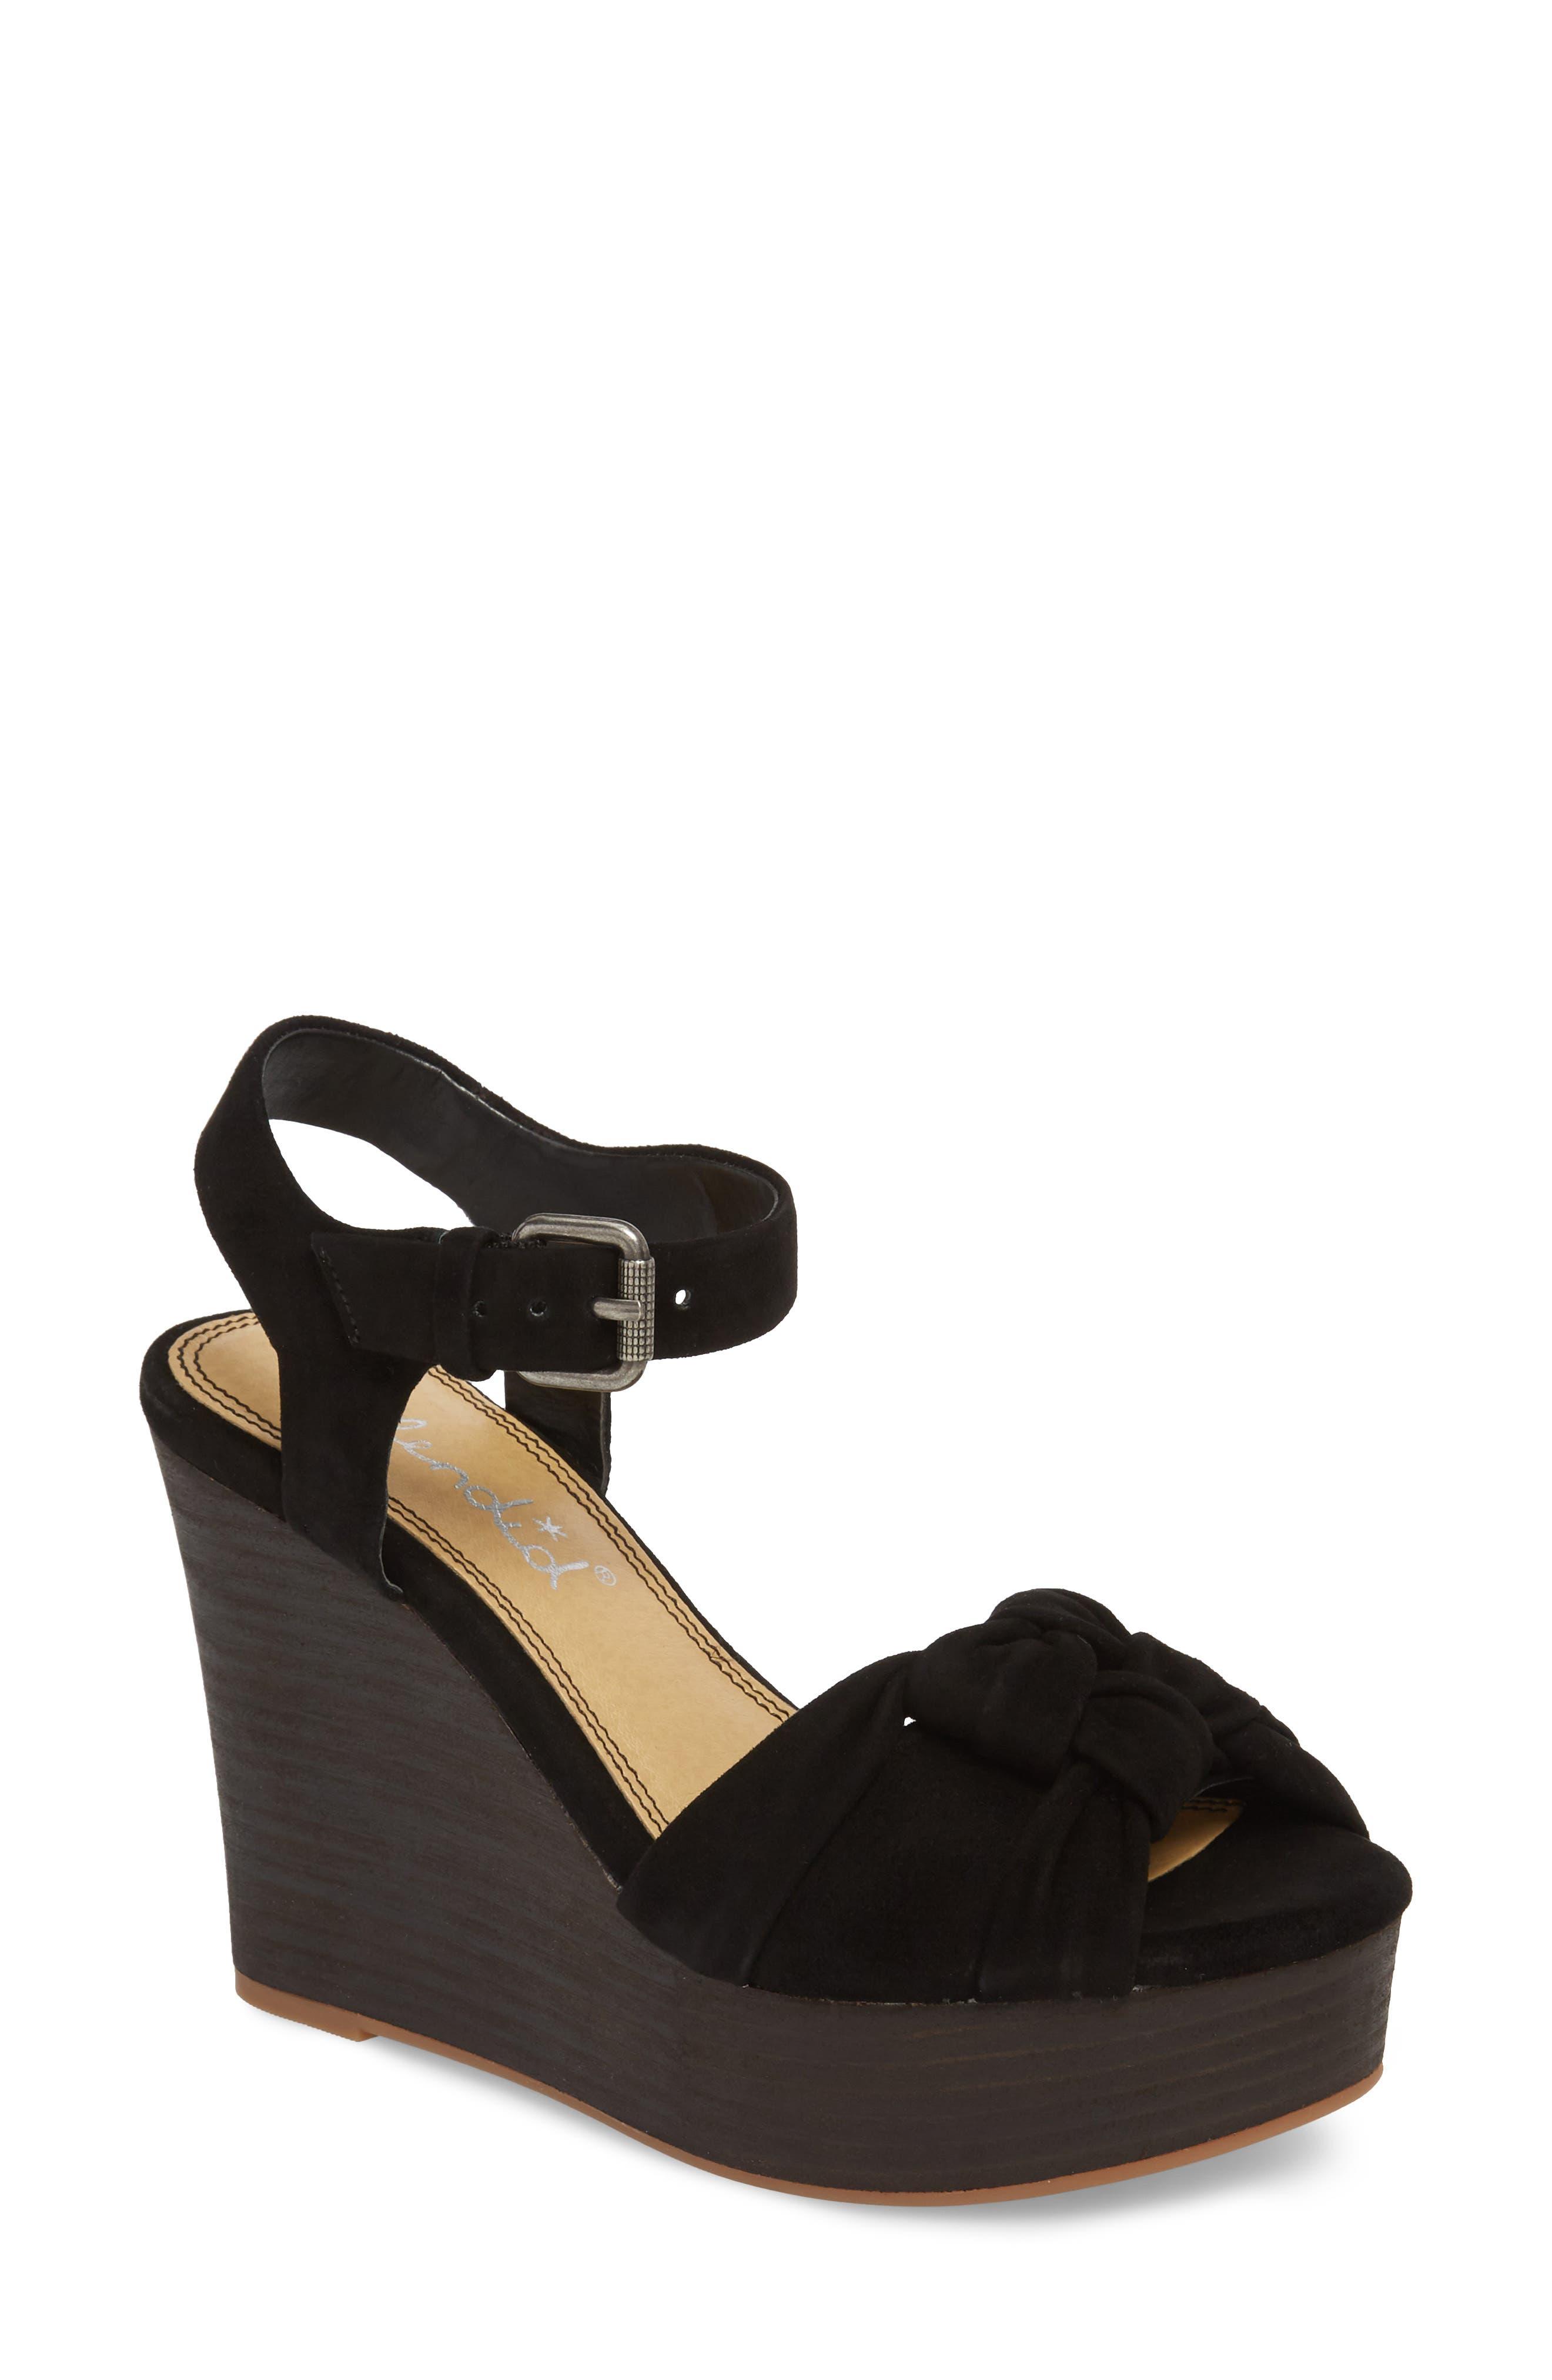 Nada Platform Wedge Sandal,                         Main,                         color, BLACK SUEDE